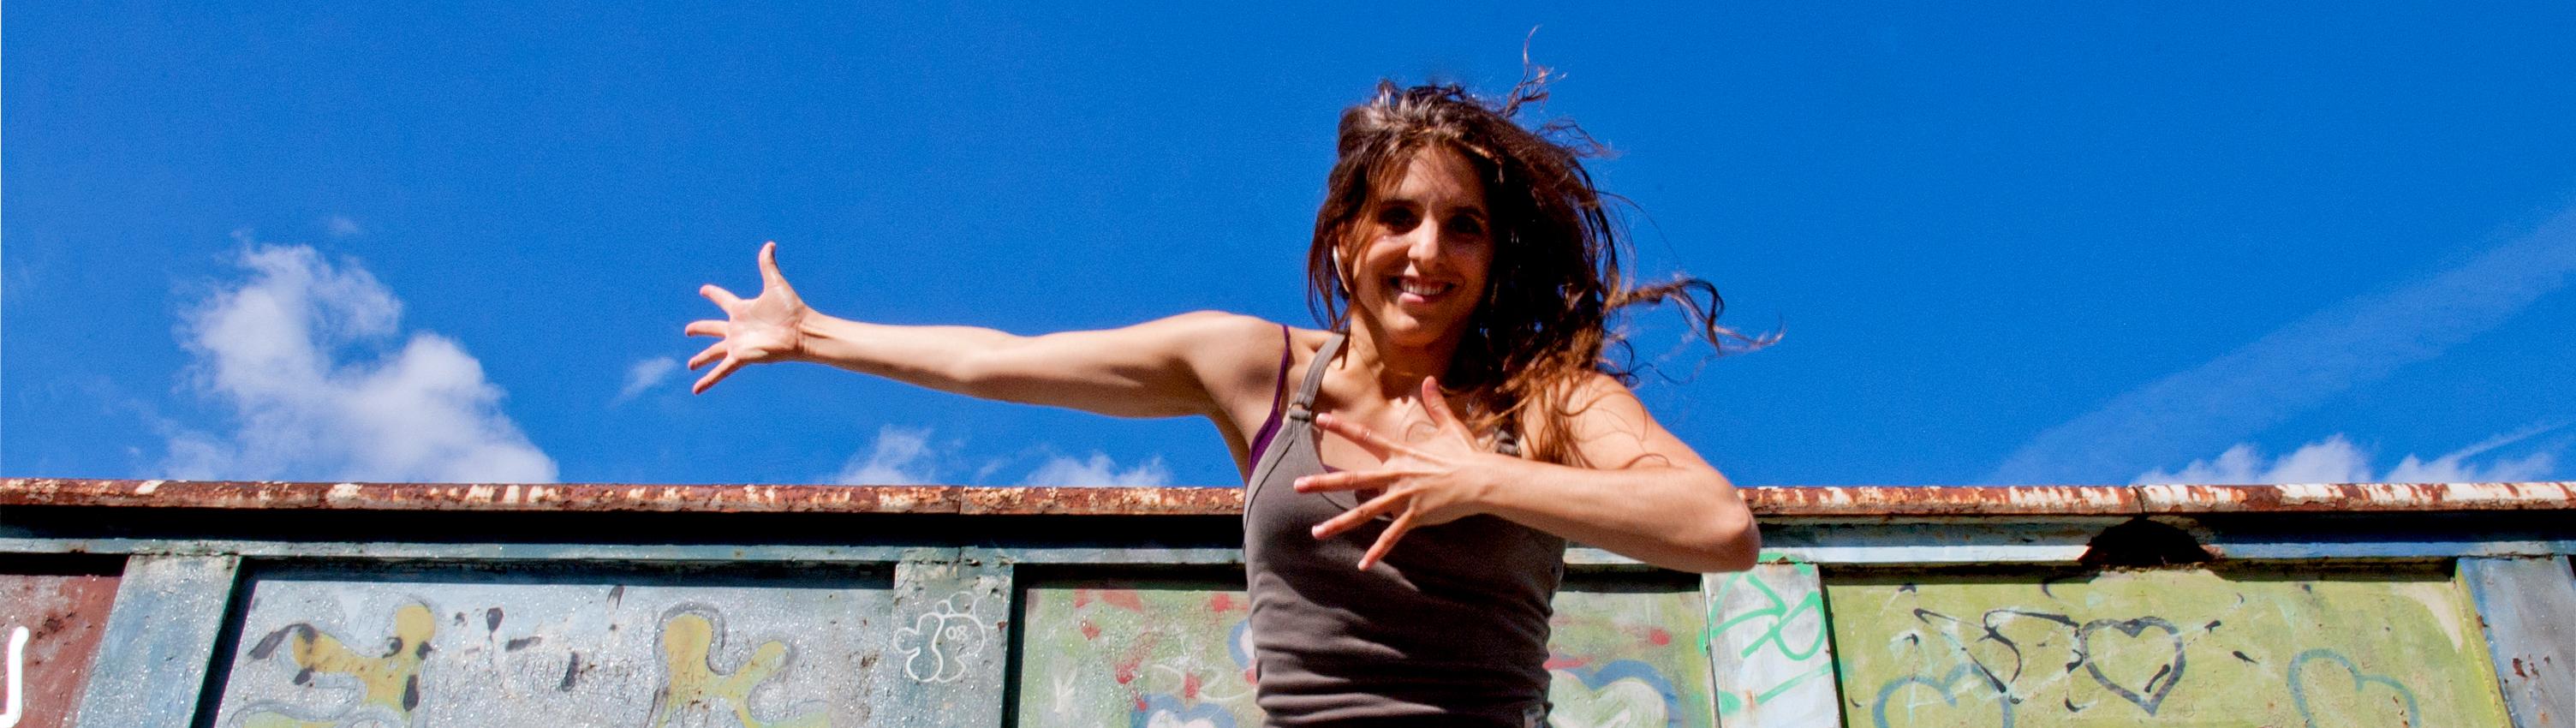 Anna Llombart professora de claqué y percussió corporal